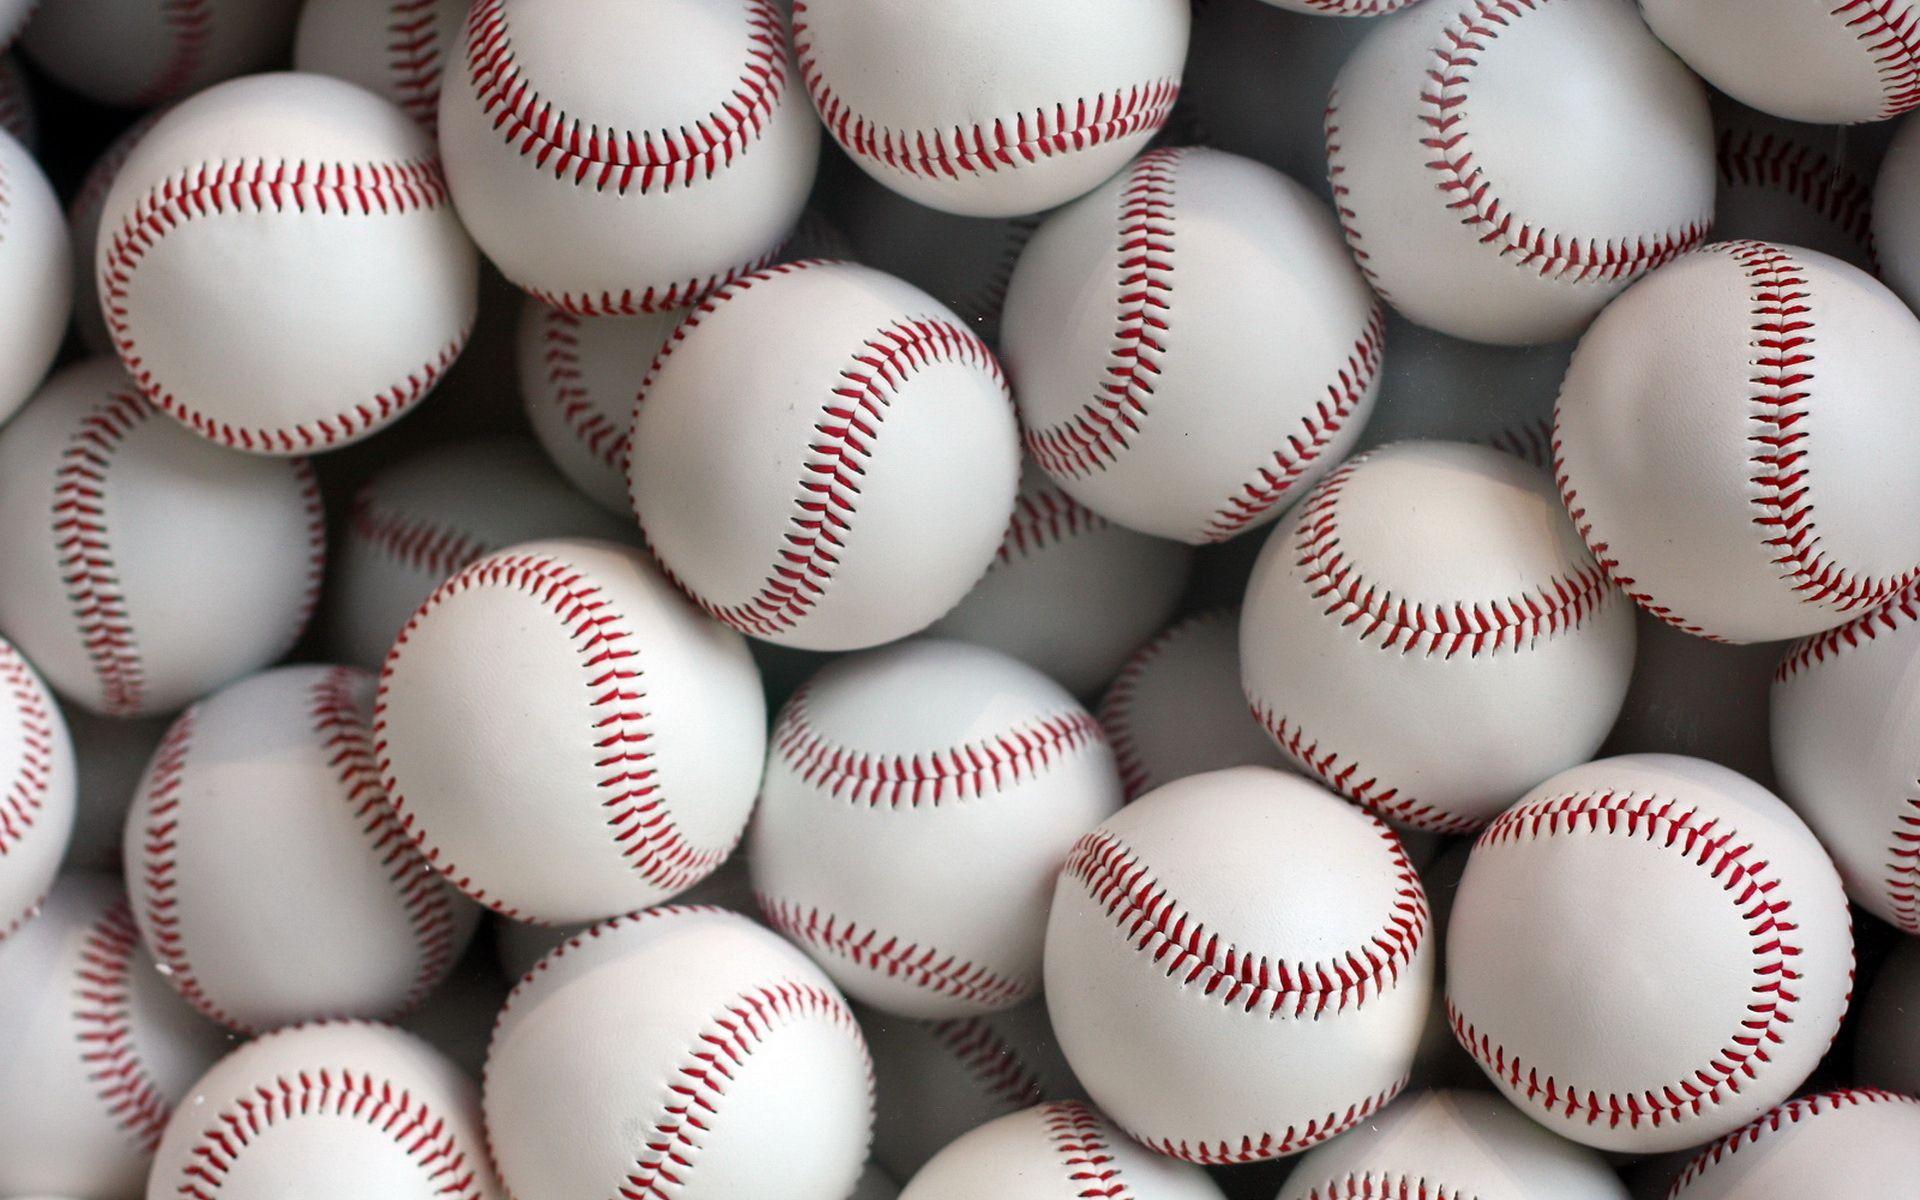 baseball wallpaper CLIPART Descargar fondos, Descargar